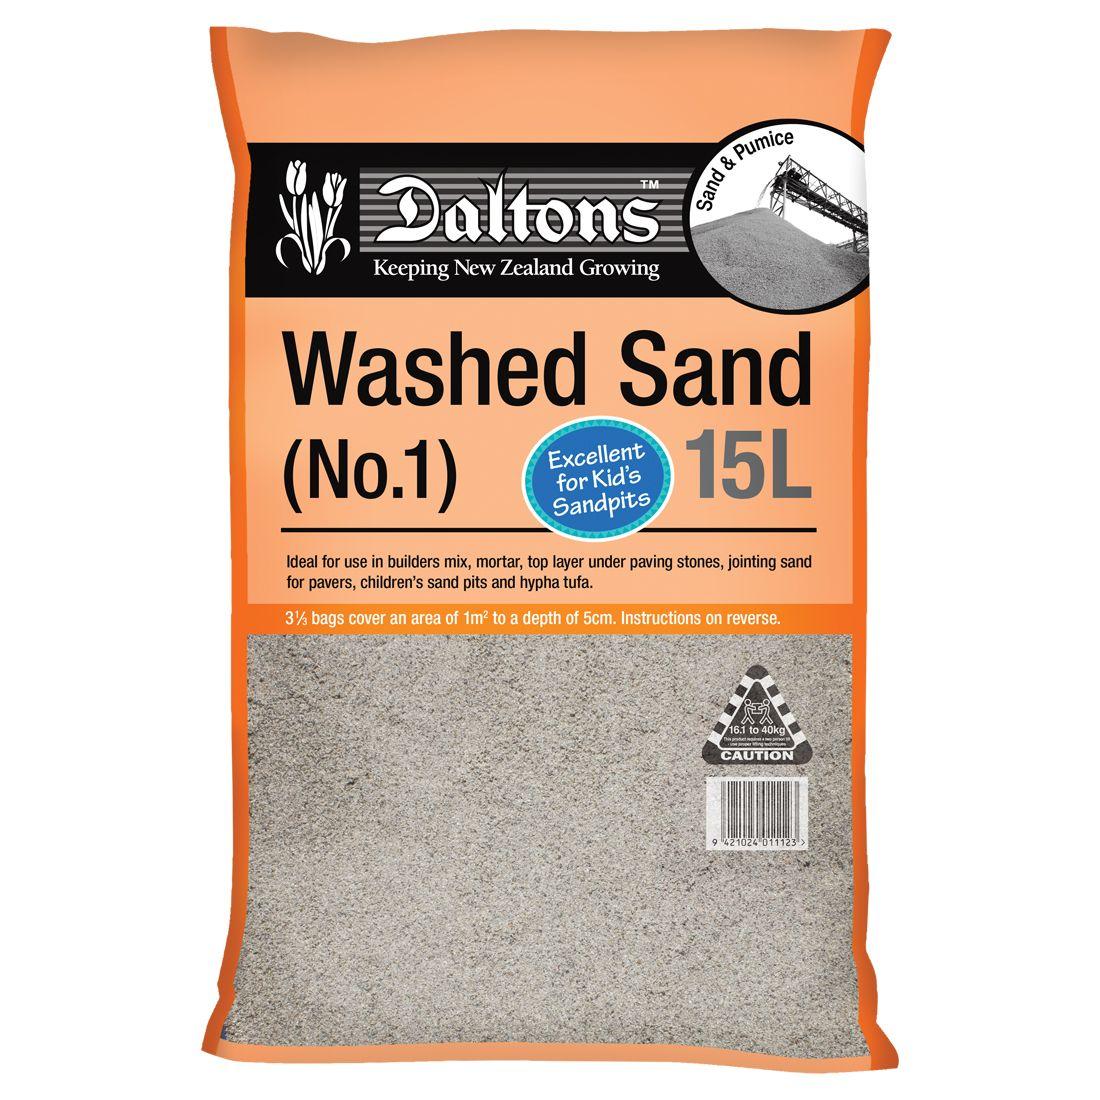 Washed Sand1 15L Bag